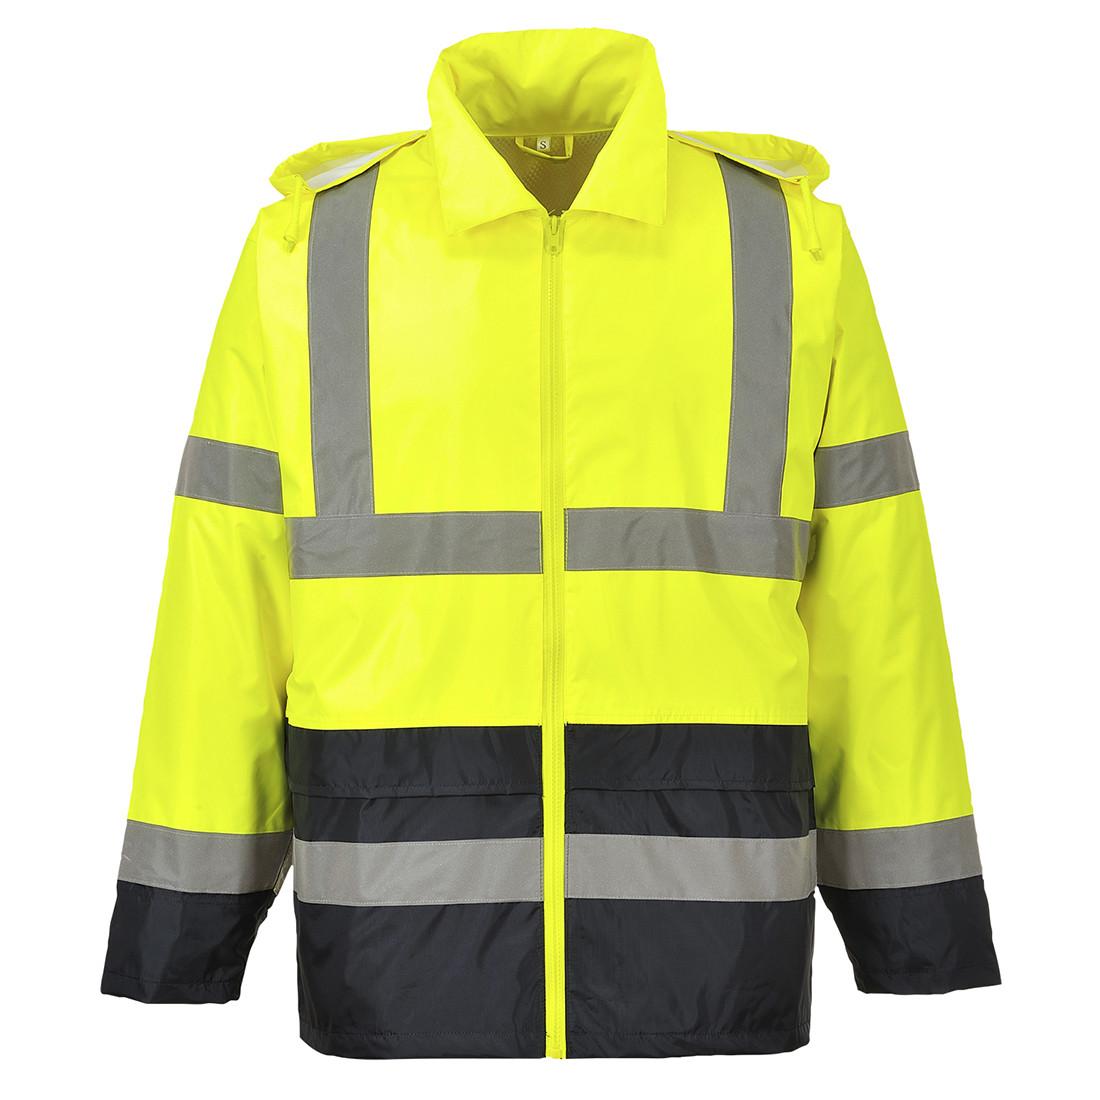 Portwest Hi-Vis Classic Bicolor Jacket (Geel/Zwart) XXL